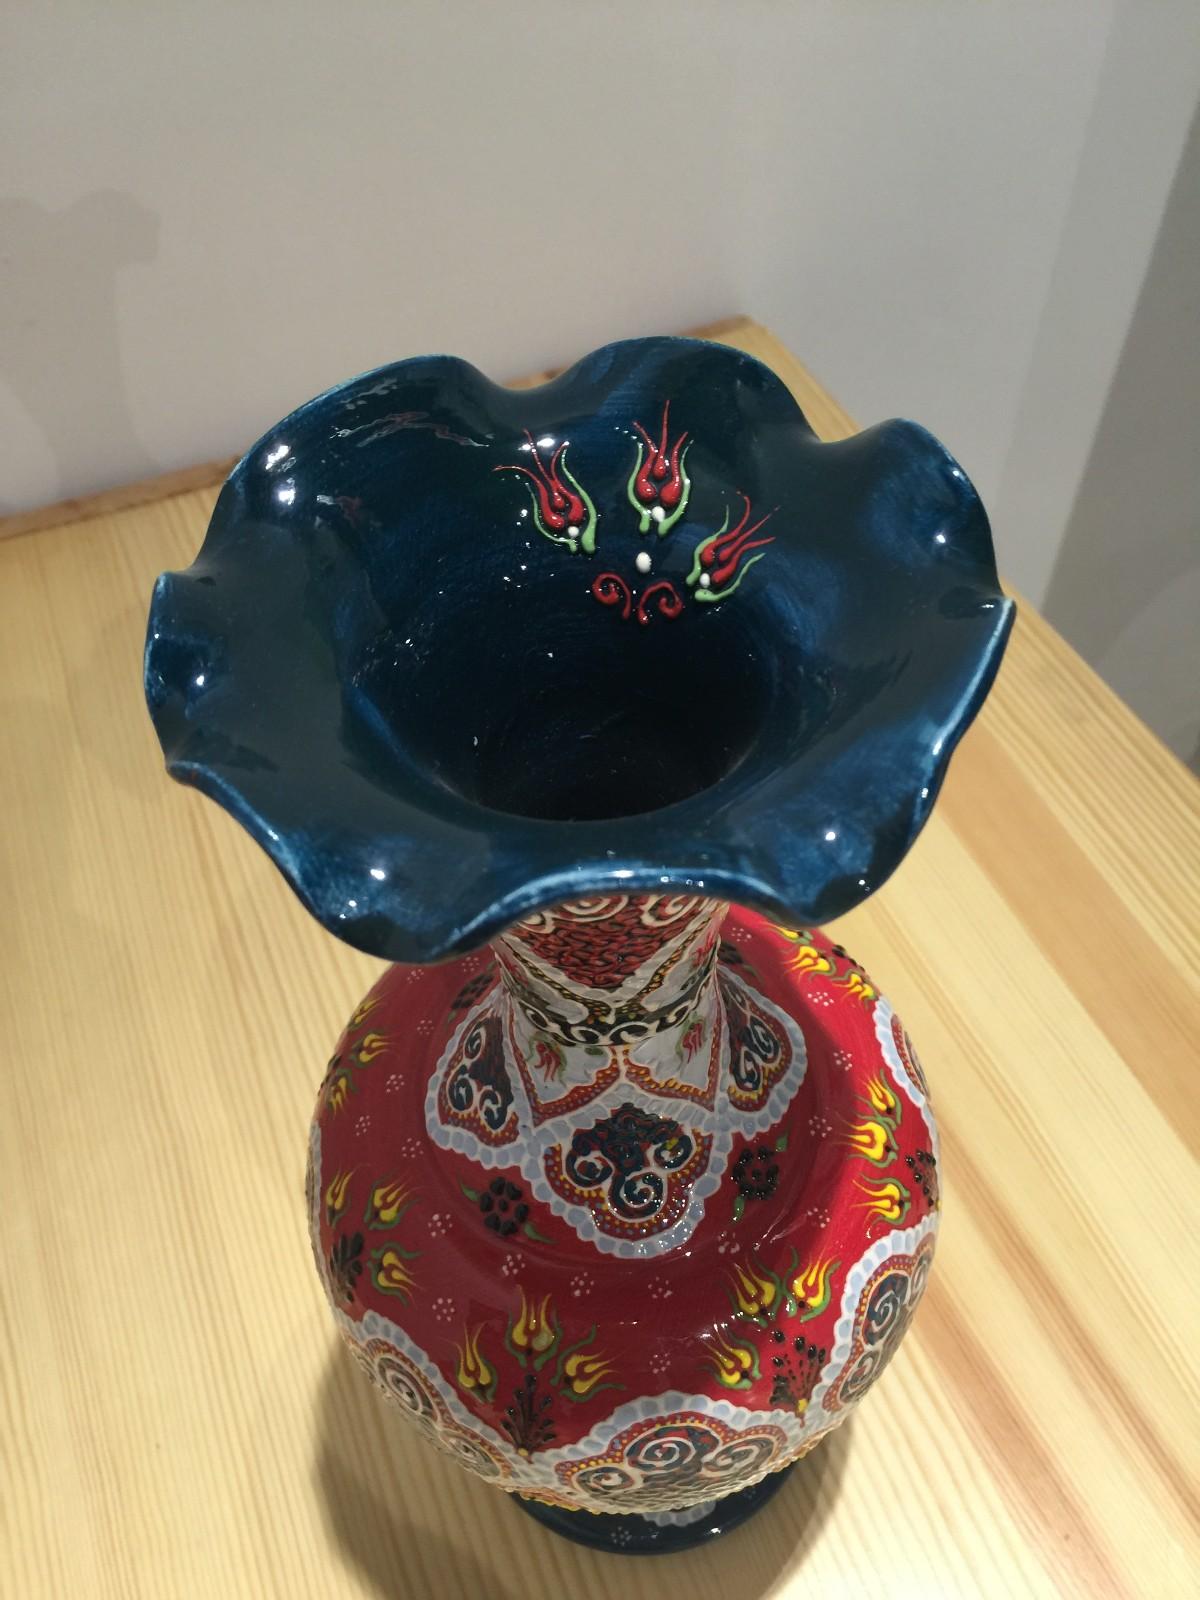 土耳其精品陶艺工艺品 家装摆件 花瓶图片四